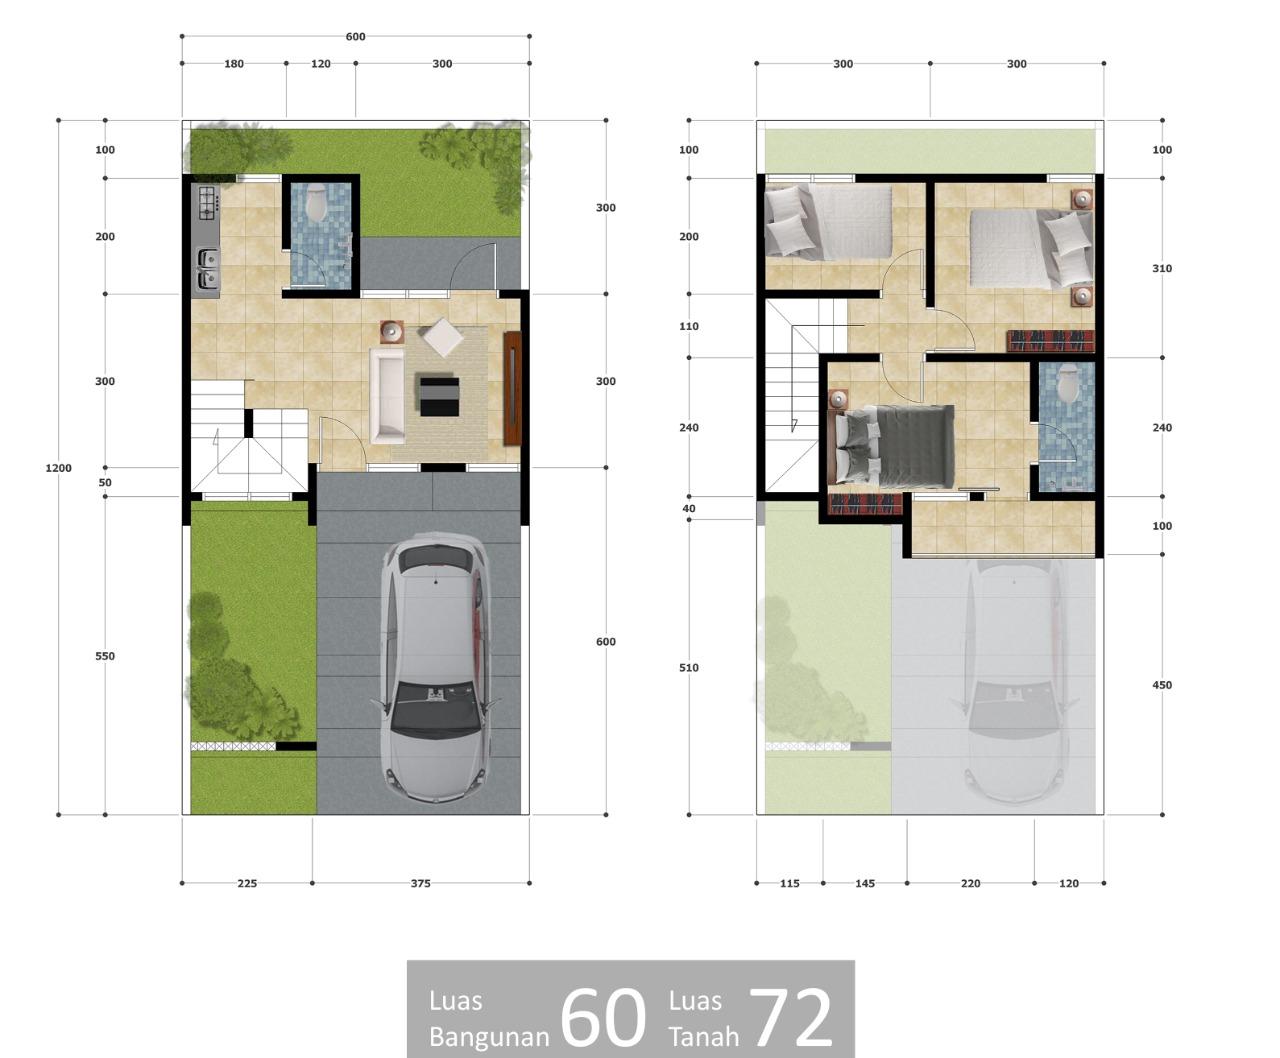 perumahan syariah bekasi kota - perumahan syariah bekasi timur - perumahan syariah mustikasari - layout 2 lantai - grand al ihsan premiere - grandalihsanpremiere